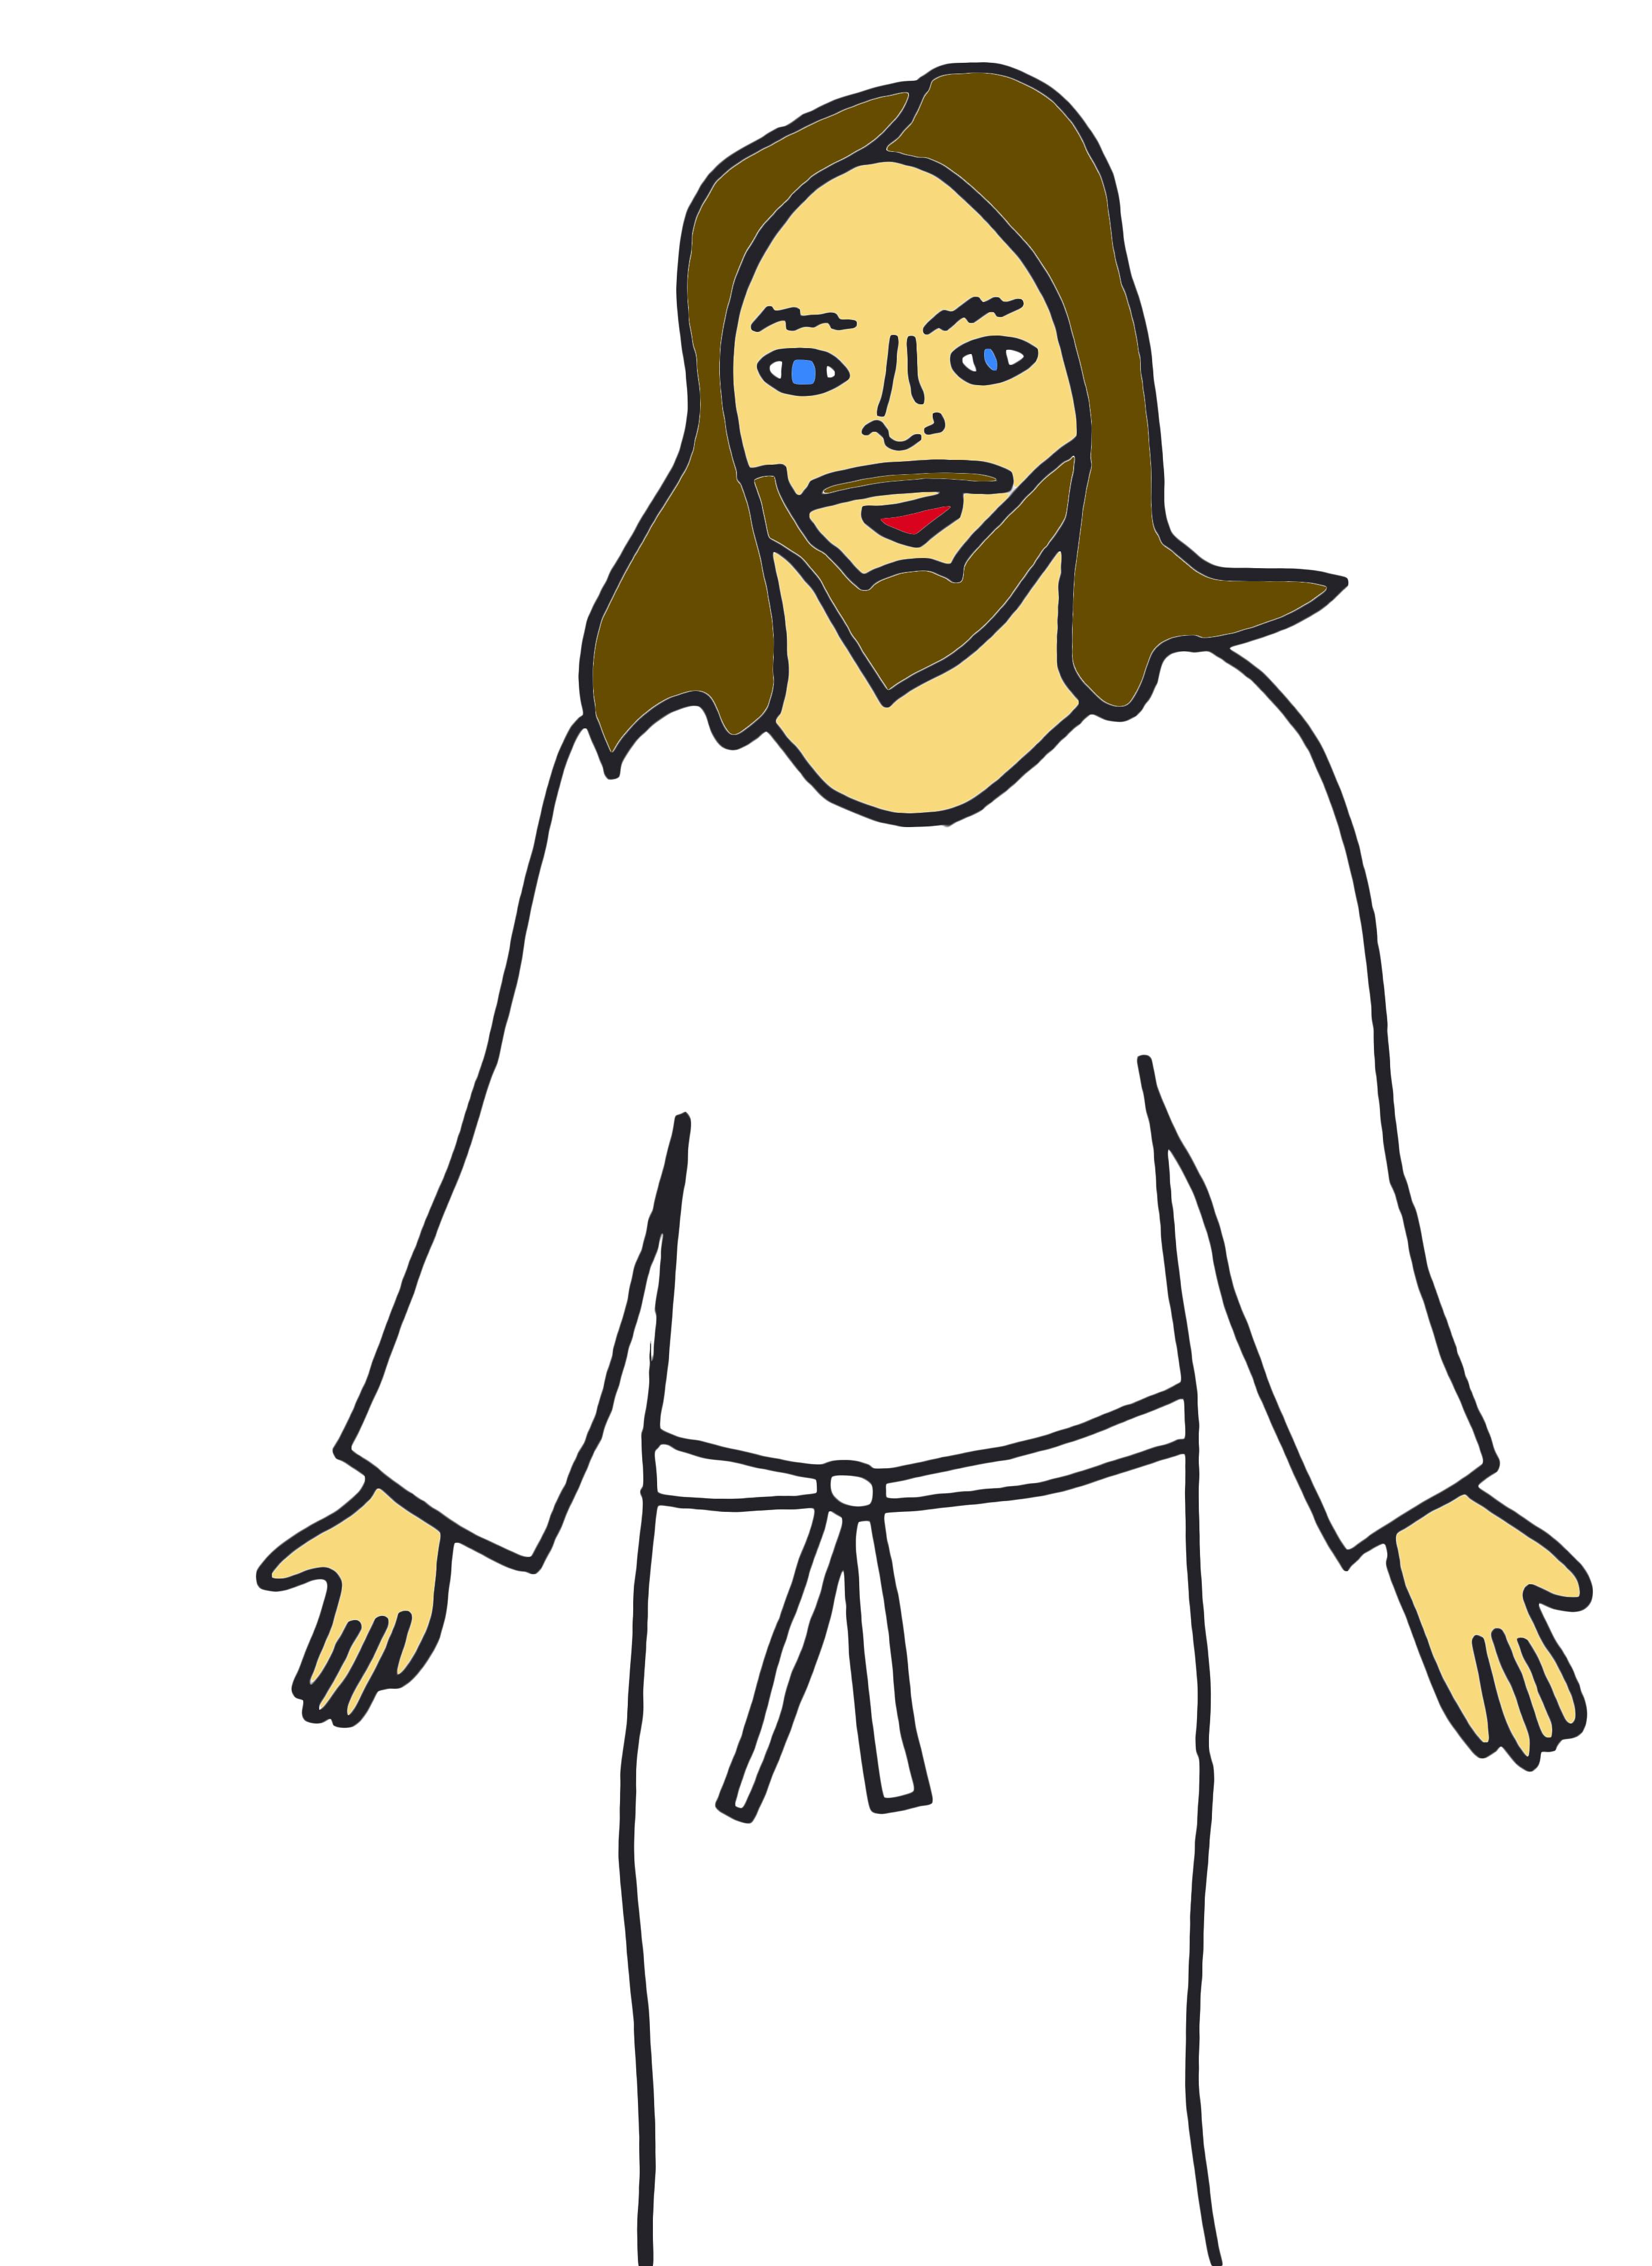 Clipart Jesus - ClipArt Best